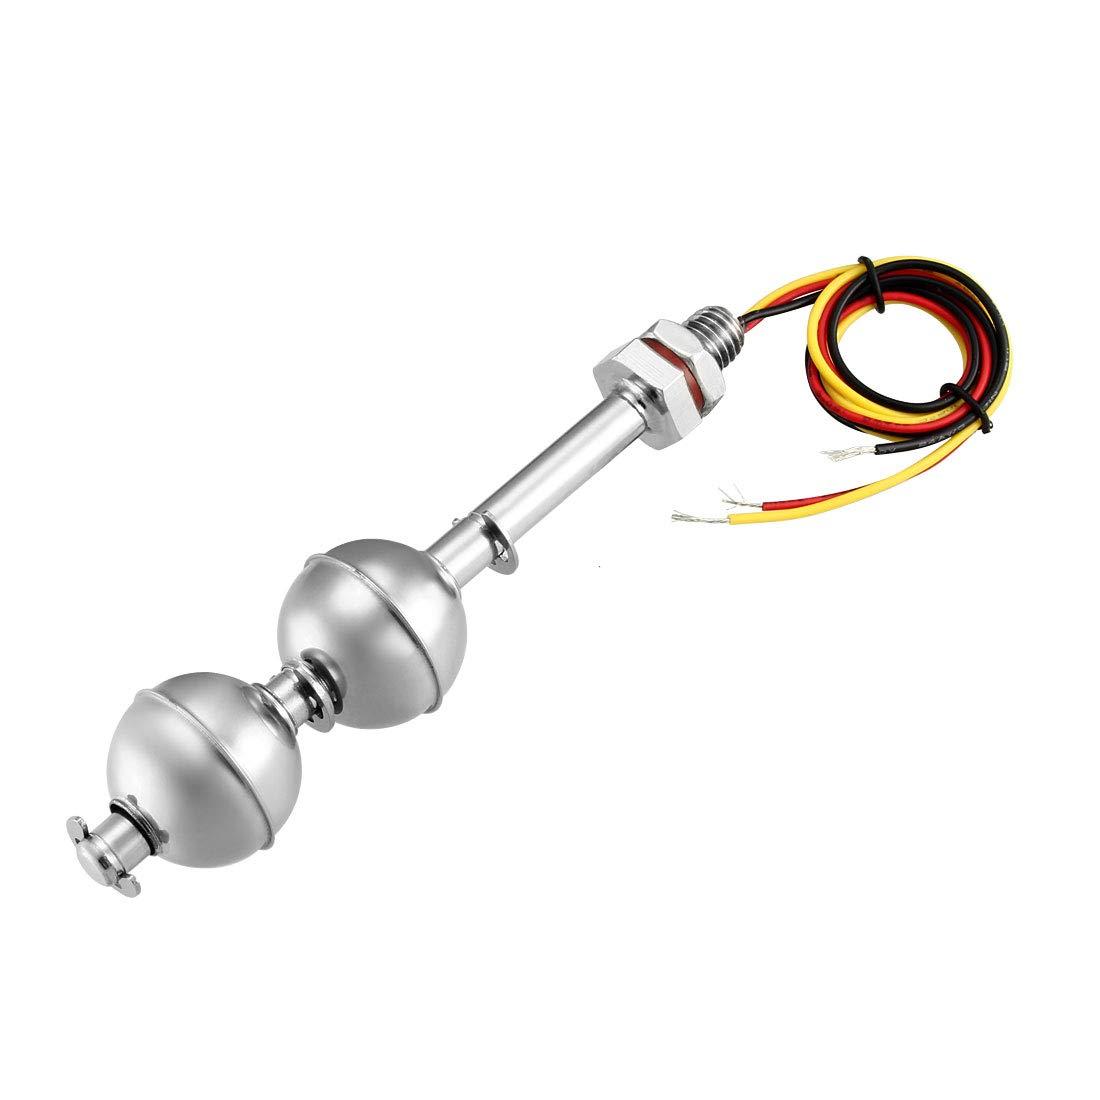 Capteur de niveau d'eau flotteur Double Boules en acier inoxydable interrupteur flottant Sourcingmap a12070600ux0093